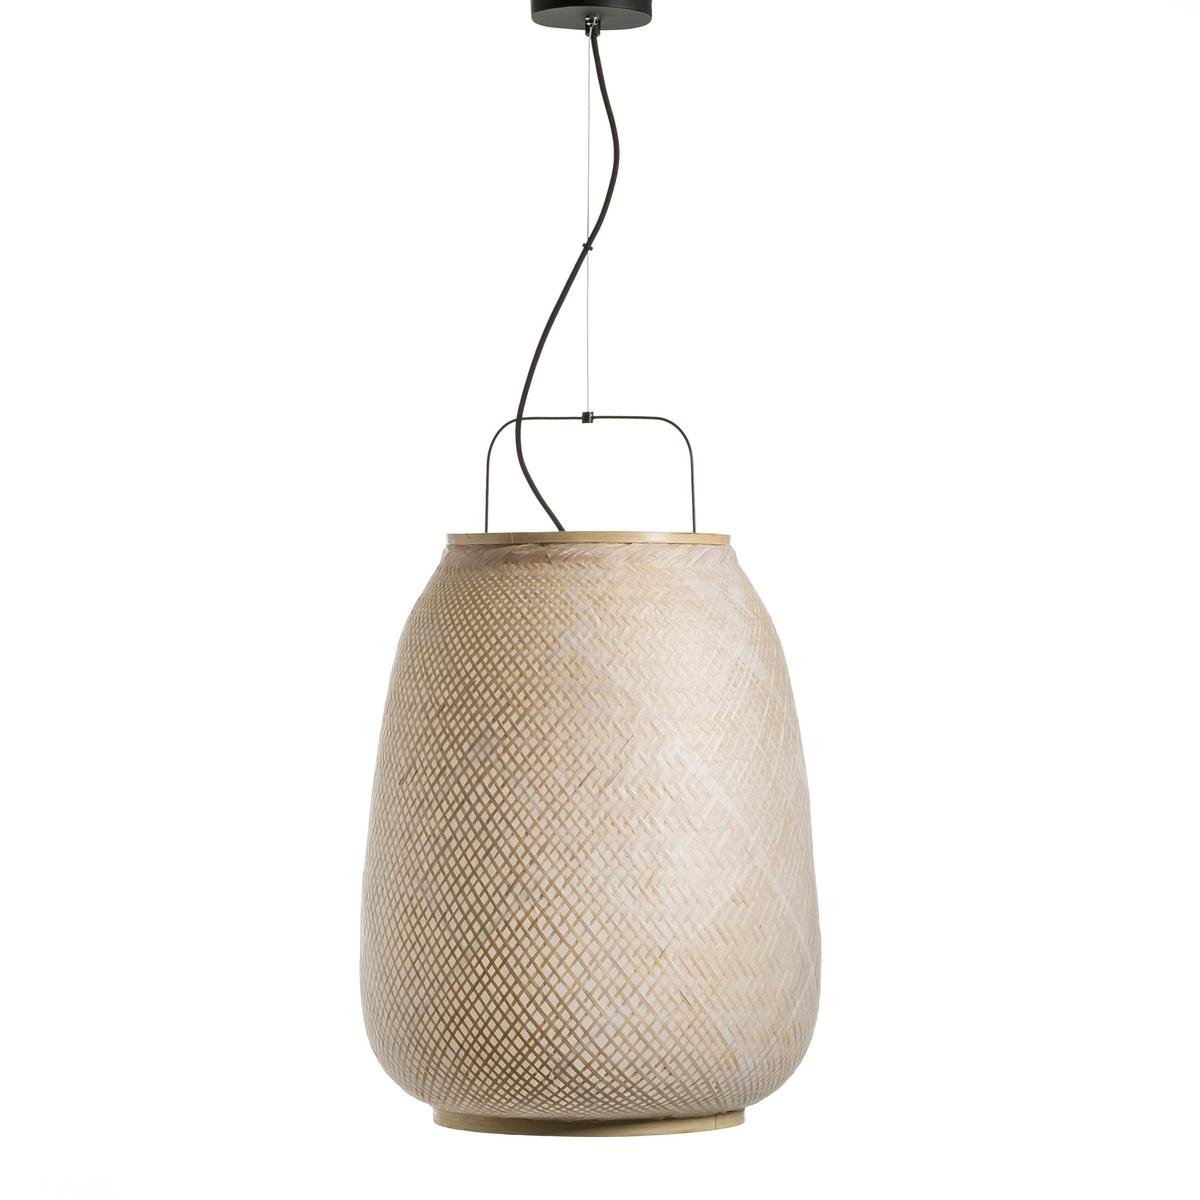 Светильник LaRedoute Titouan дизайн Э Галлины 47 см единый размер бежевый